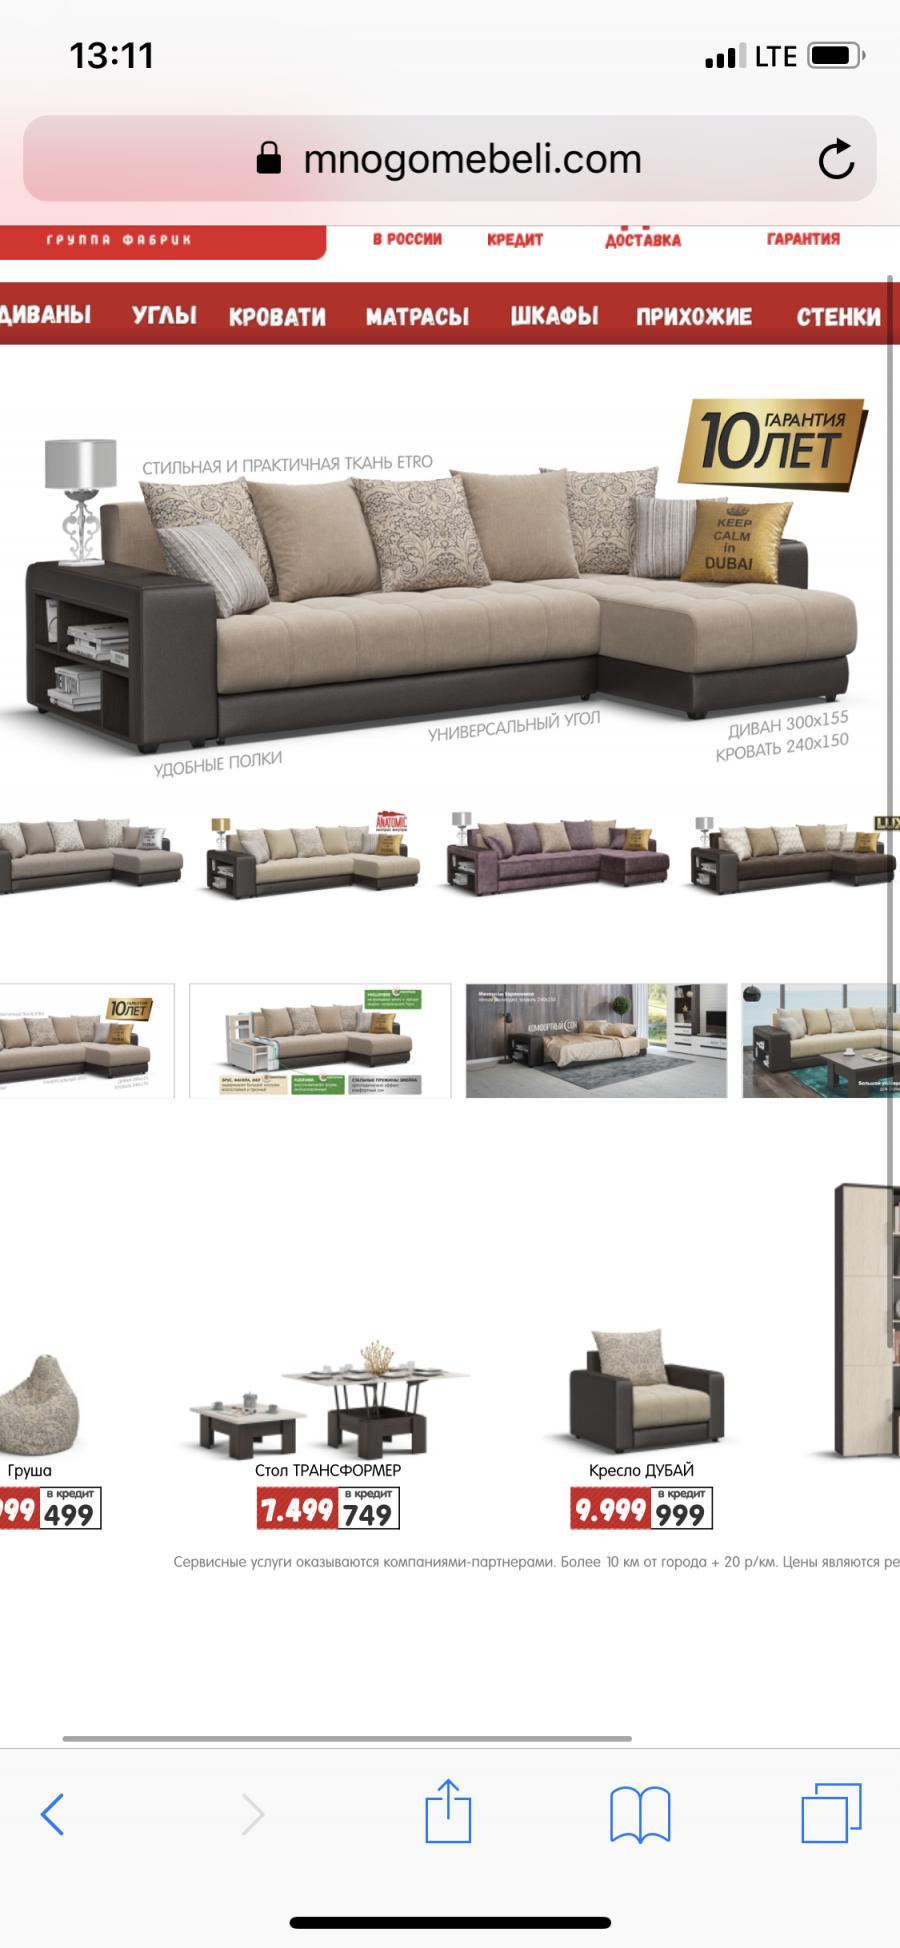 Много мебели возврат товара казань